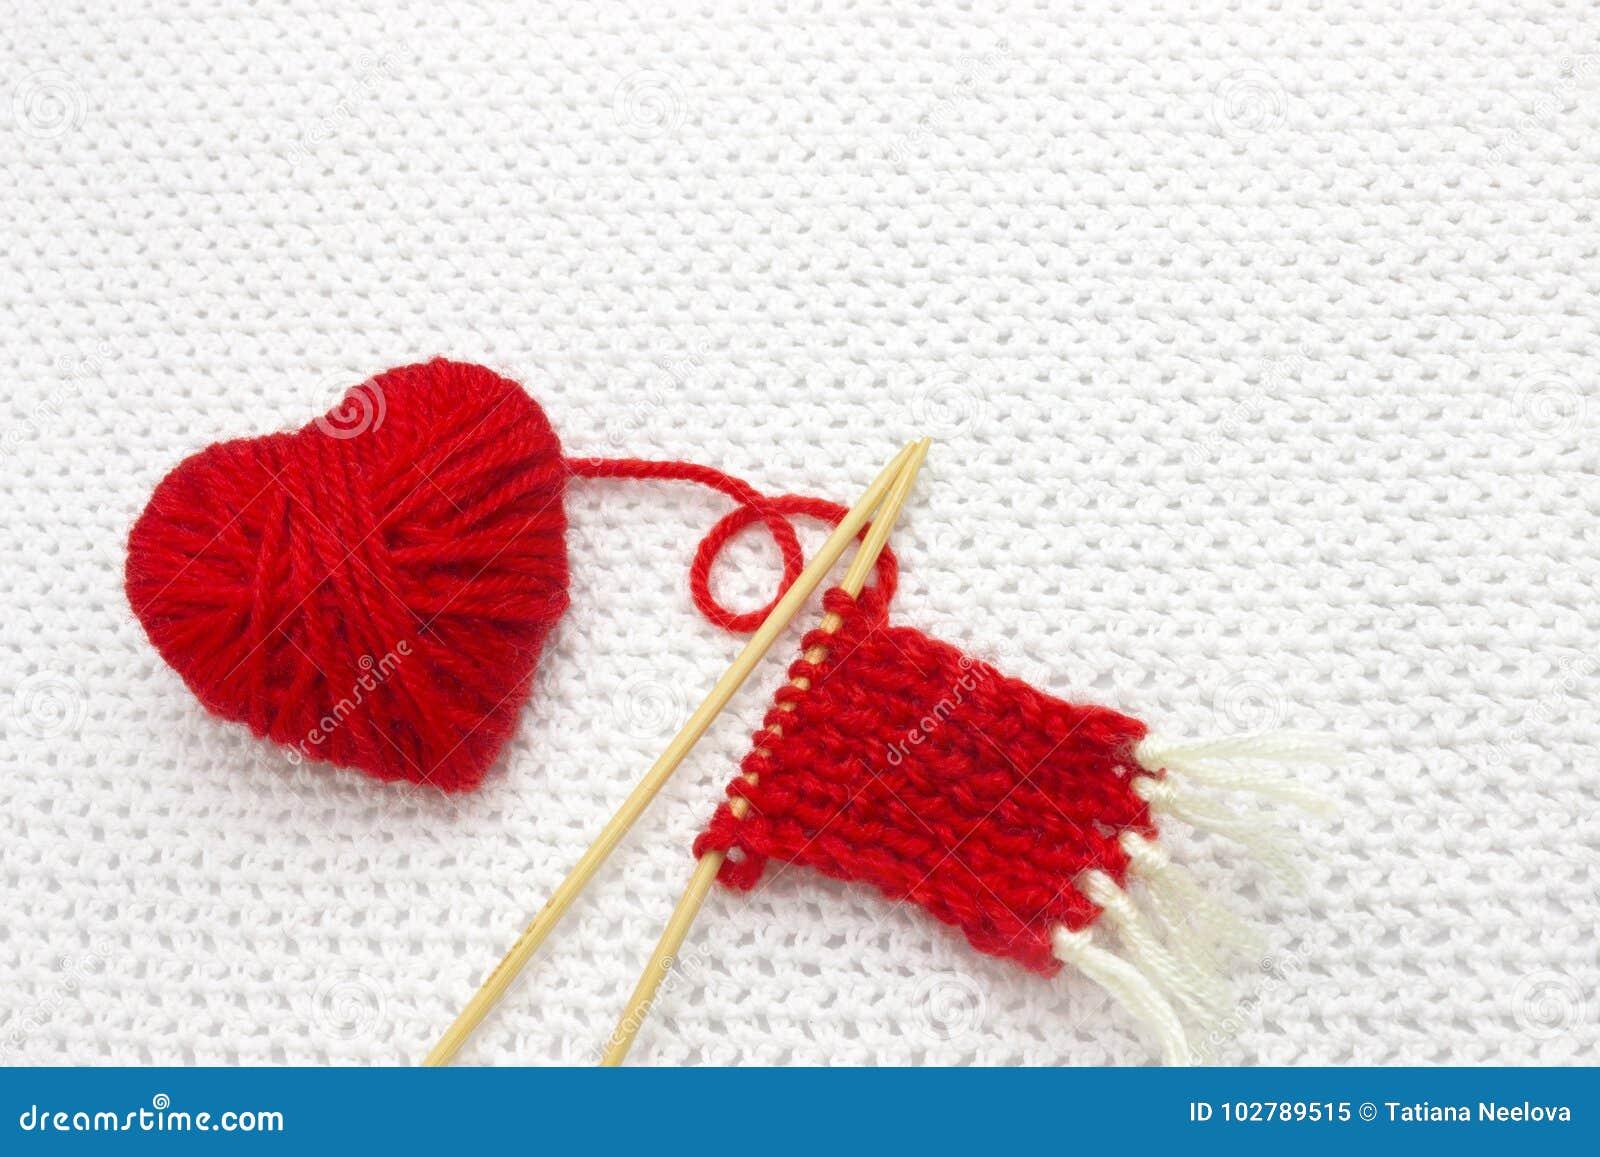 La Palla Rossa Del Filato Come Un Cuore Sul Bianco Lavora All